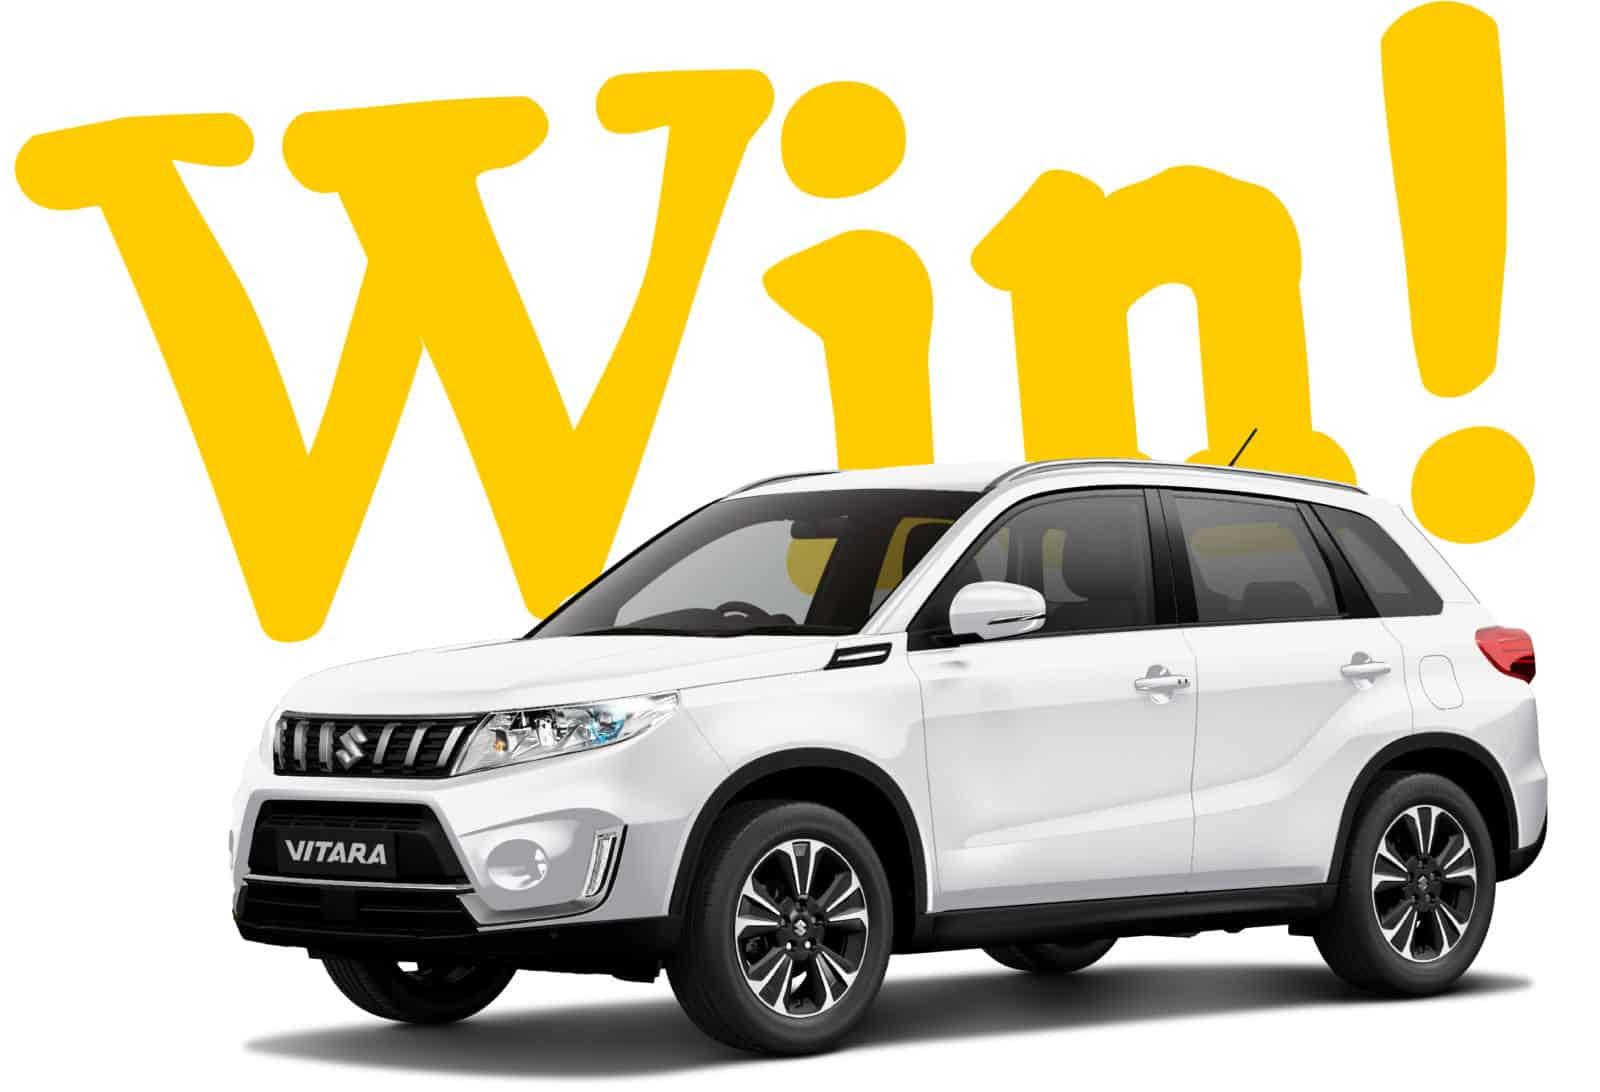 Win a Suzuki Vitara